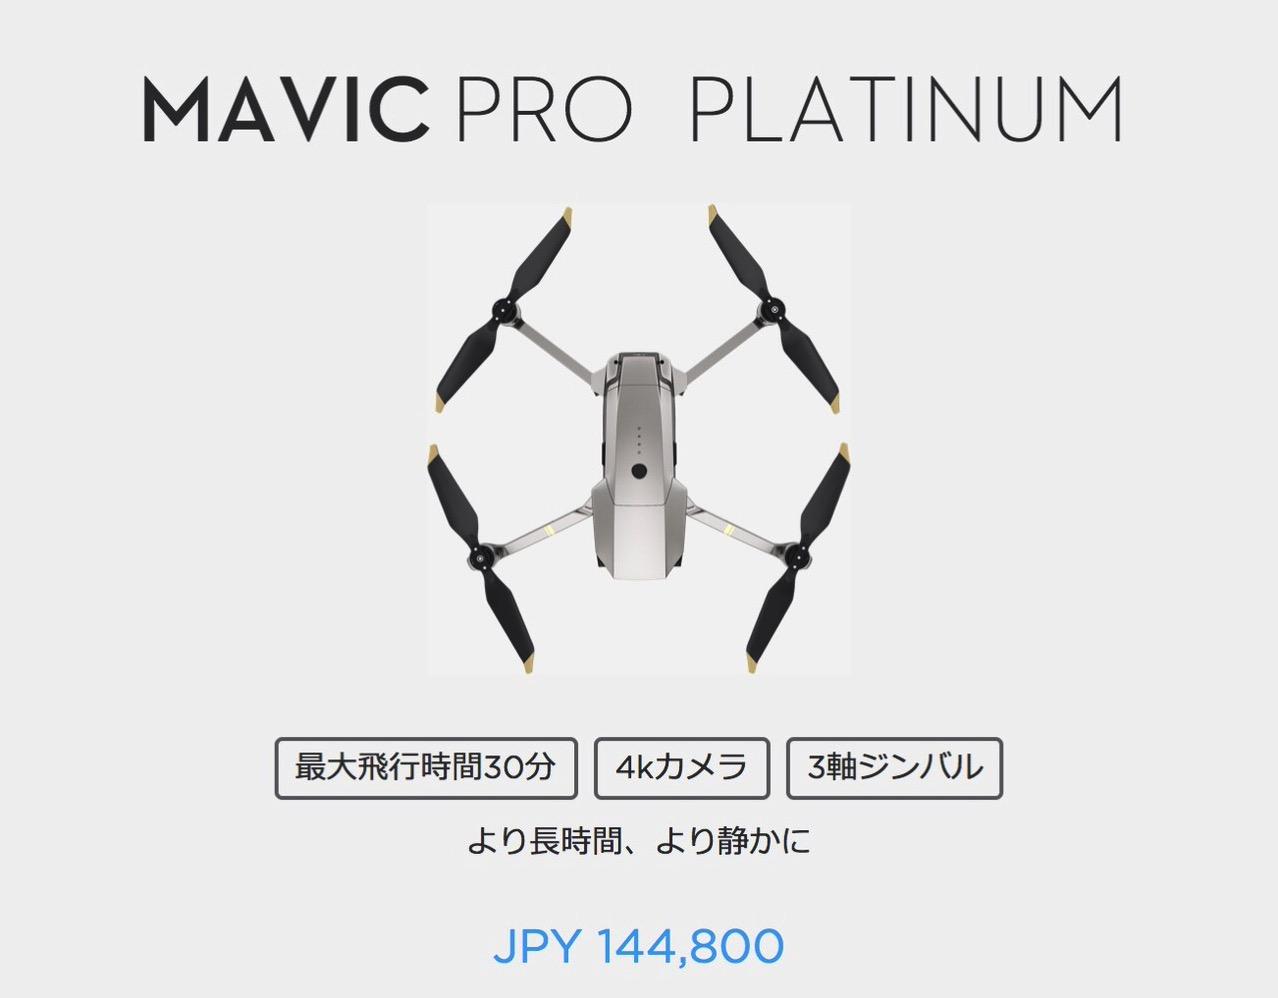 静音性を高め飛行時間も30分に伸びた「Mavic Pro Platinum」